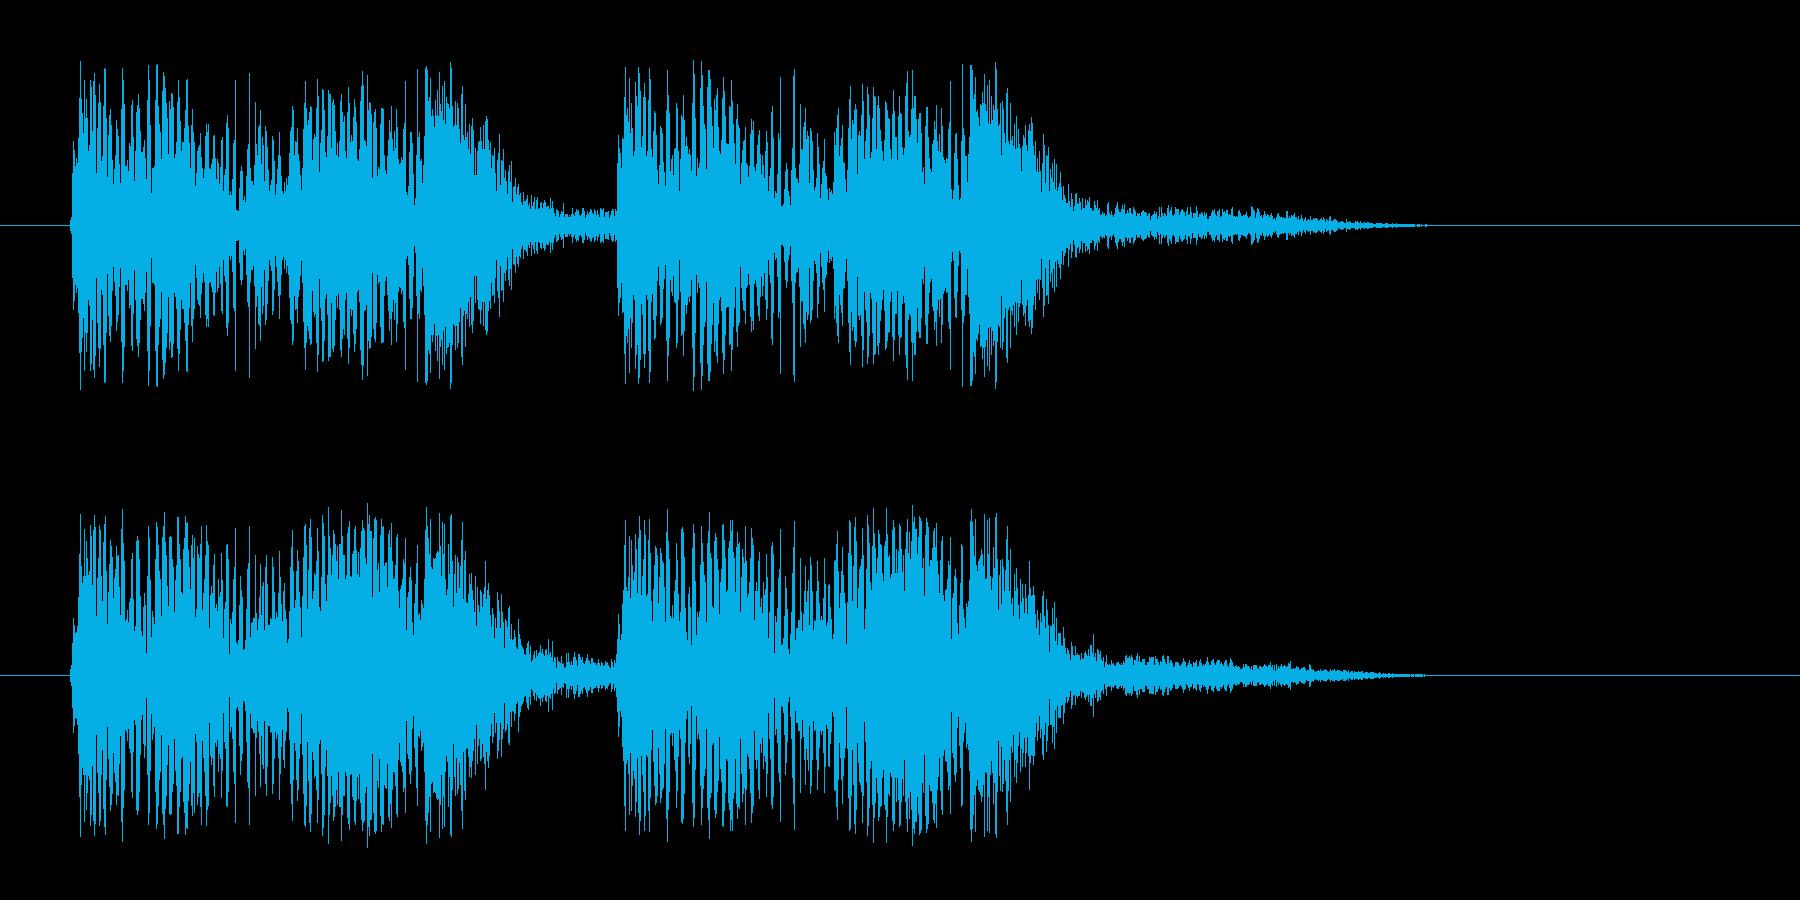 エレクトロニック エレクトロ ドキ...の再生済みの波形